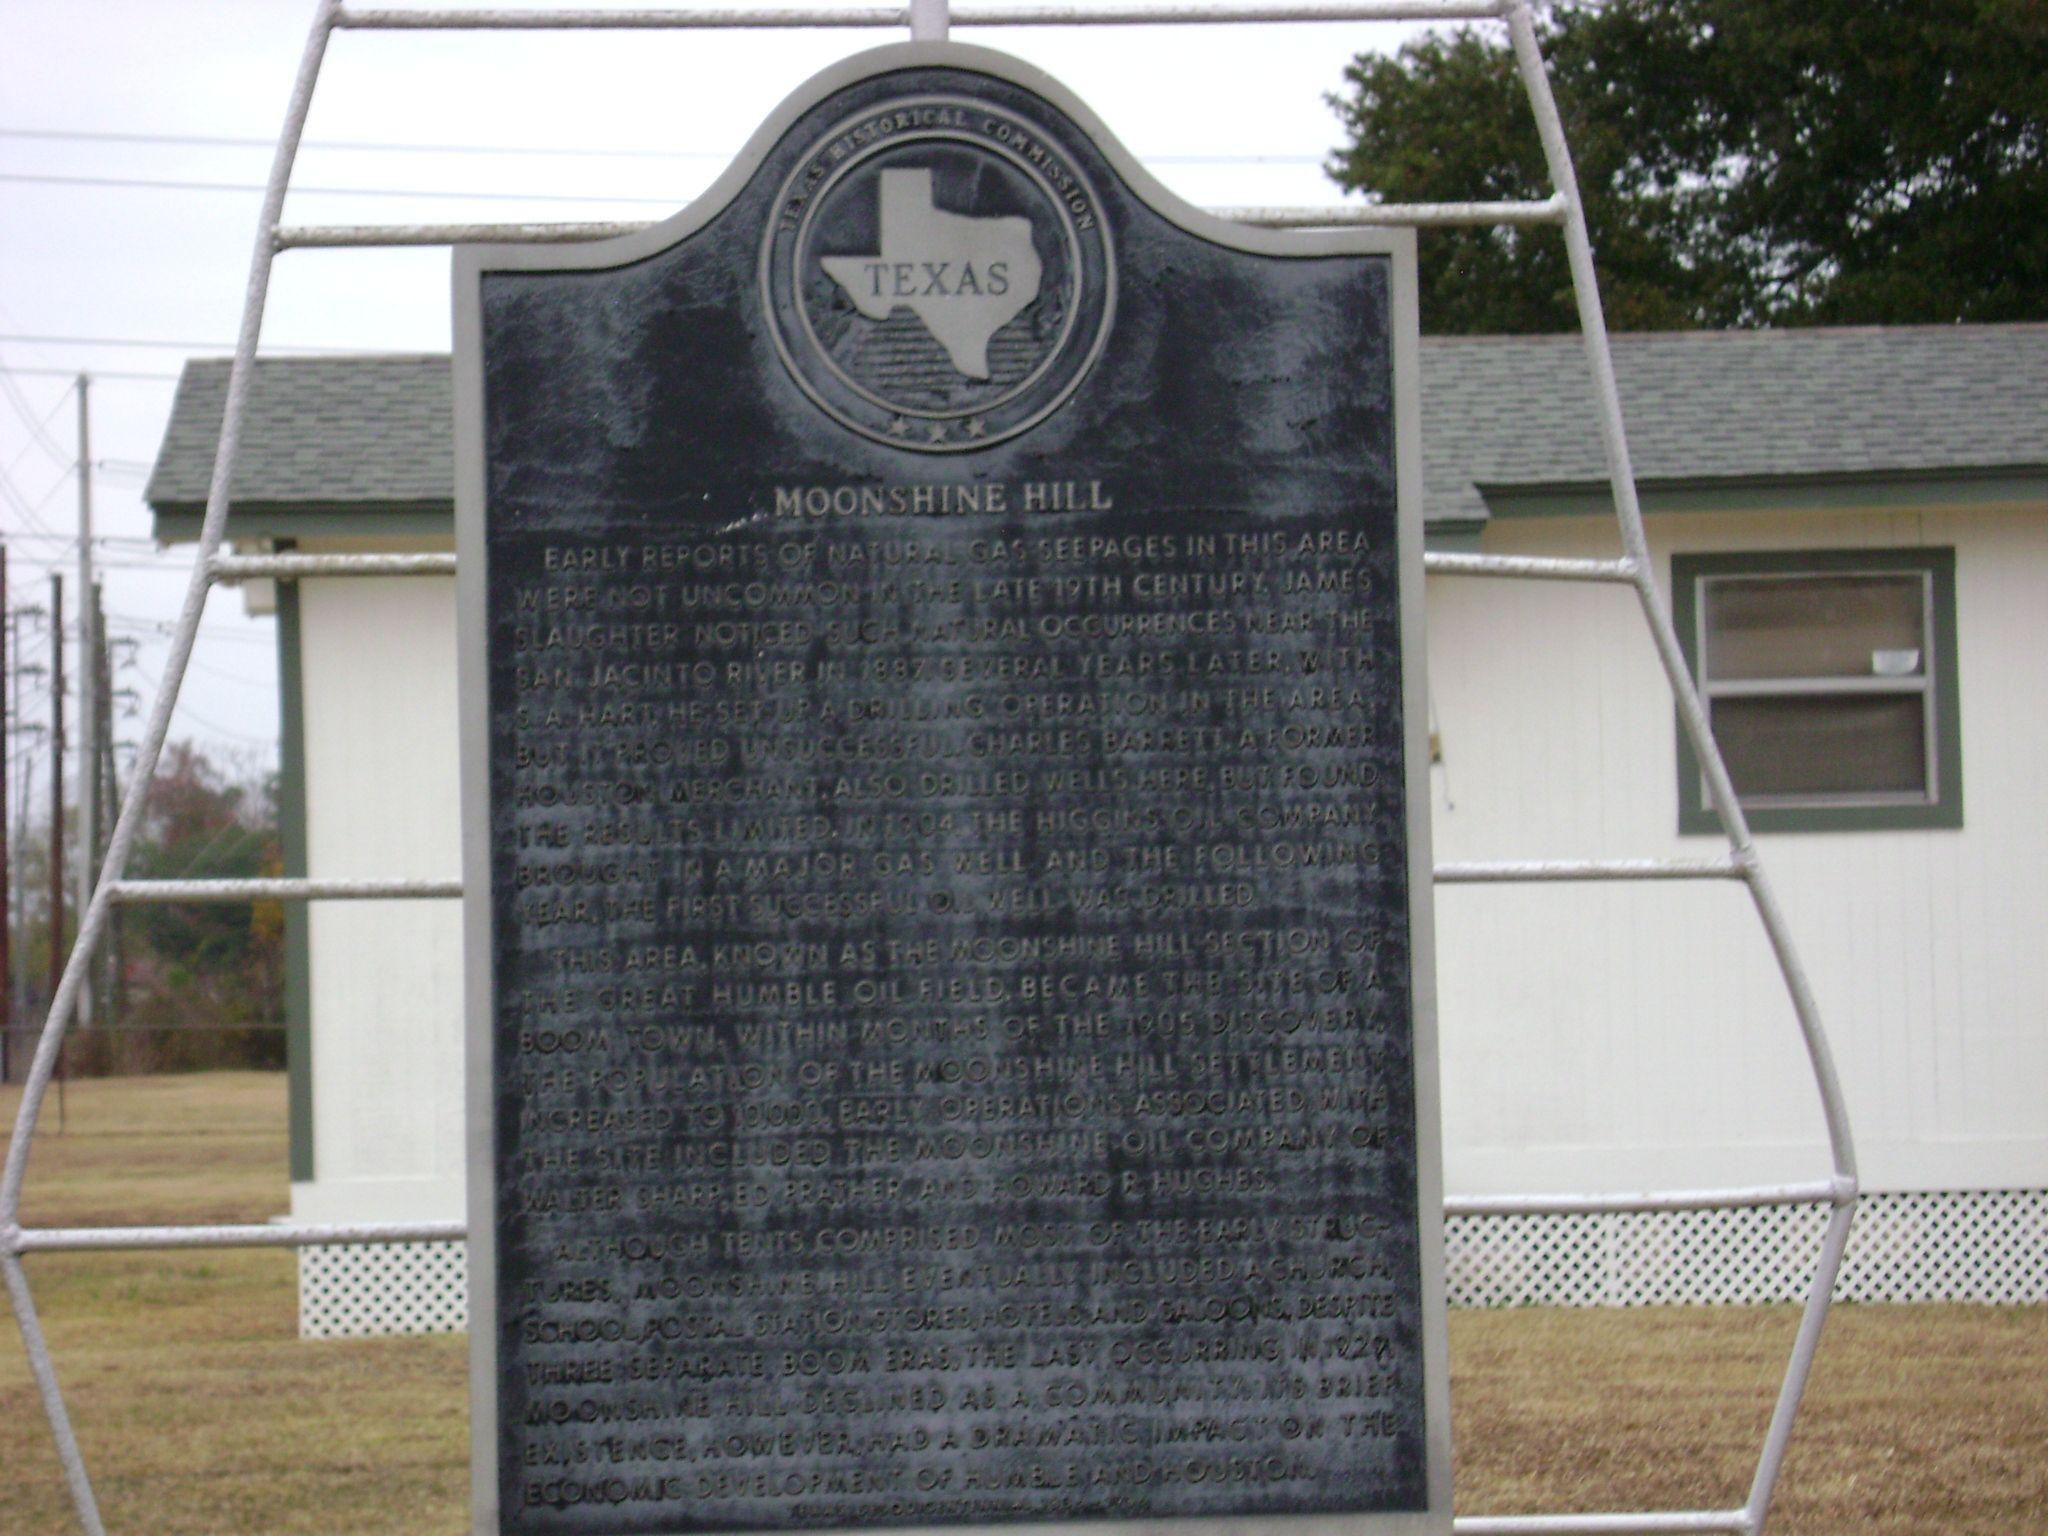 Historical Marker at 2735 FM 1960 E, Humble TX - Moonshine